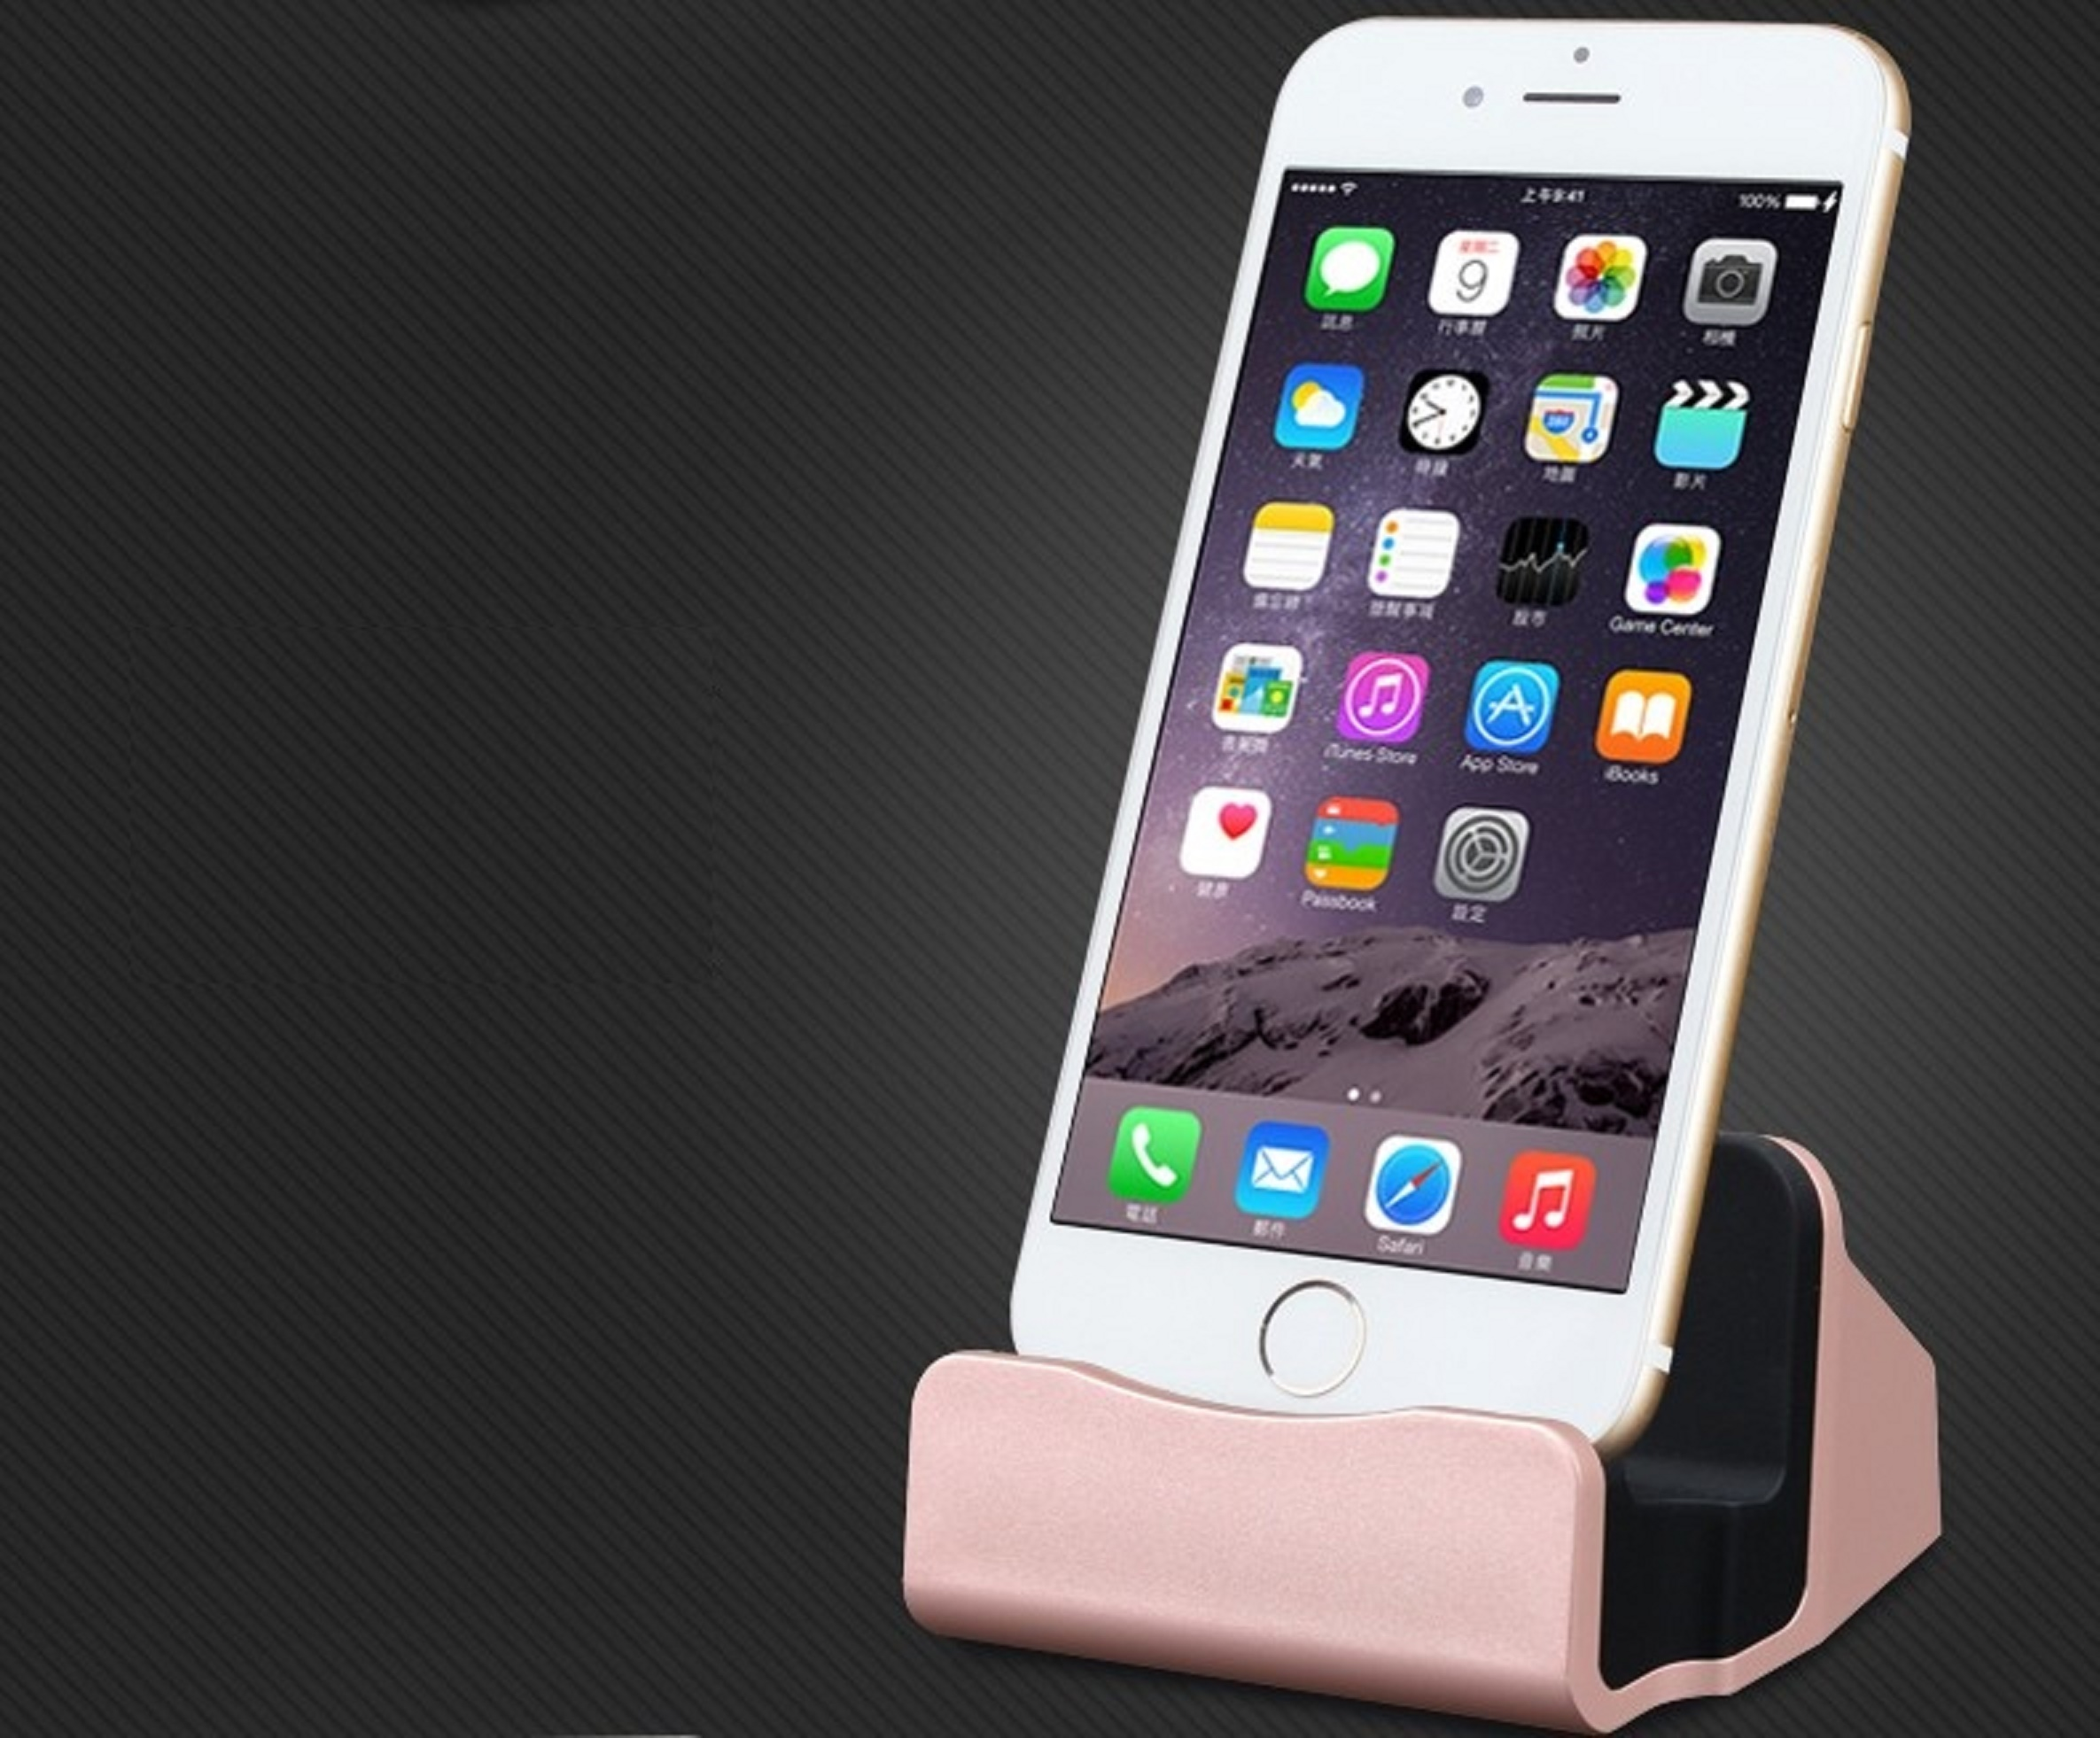 dockingstation ladestation ladeger t ladekabel iphone 6s. Black Bedroom Furniture Sets. Home Design Ideas